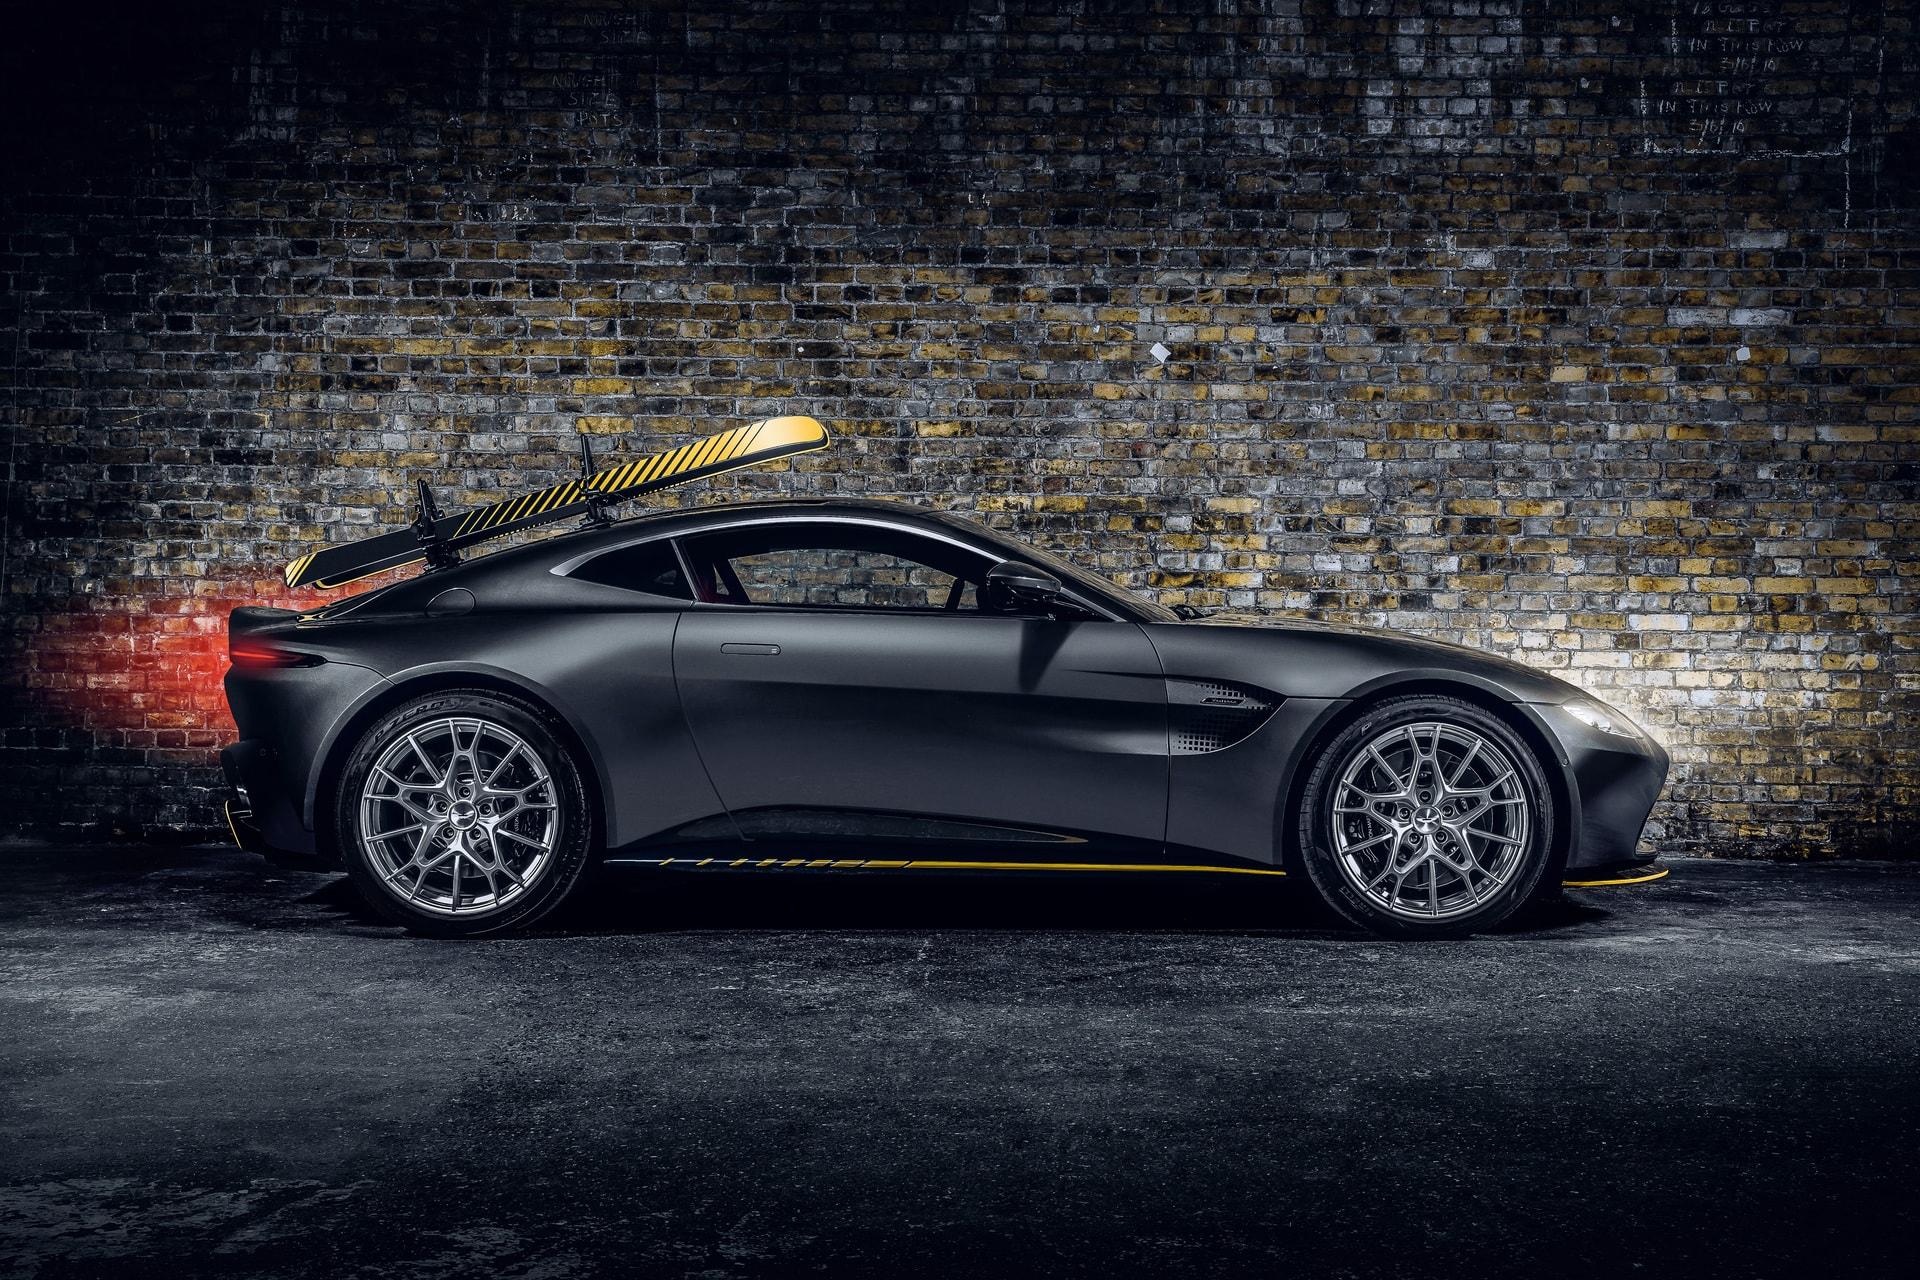 Aston Martin Editionen Im Namen Von 007 Autosprintch